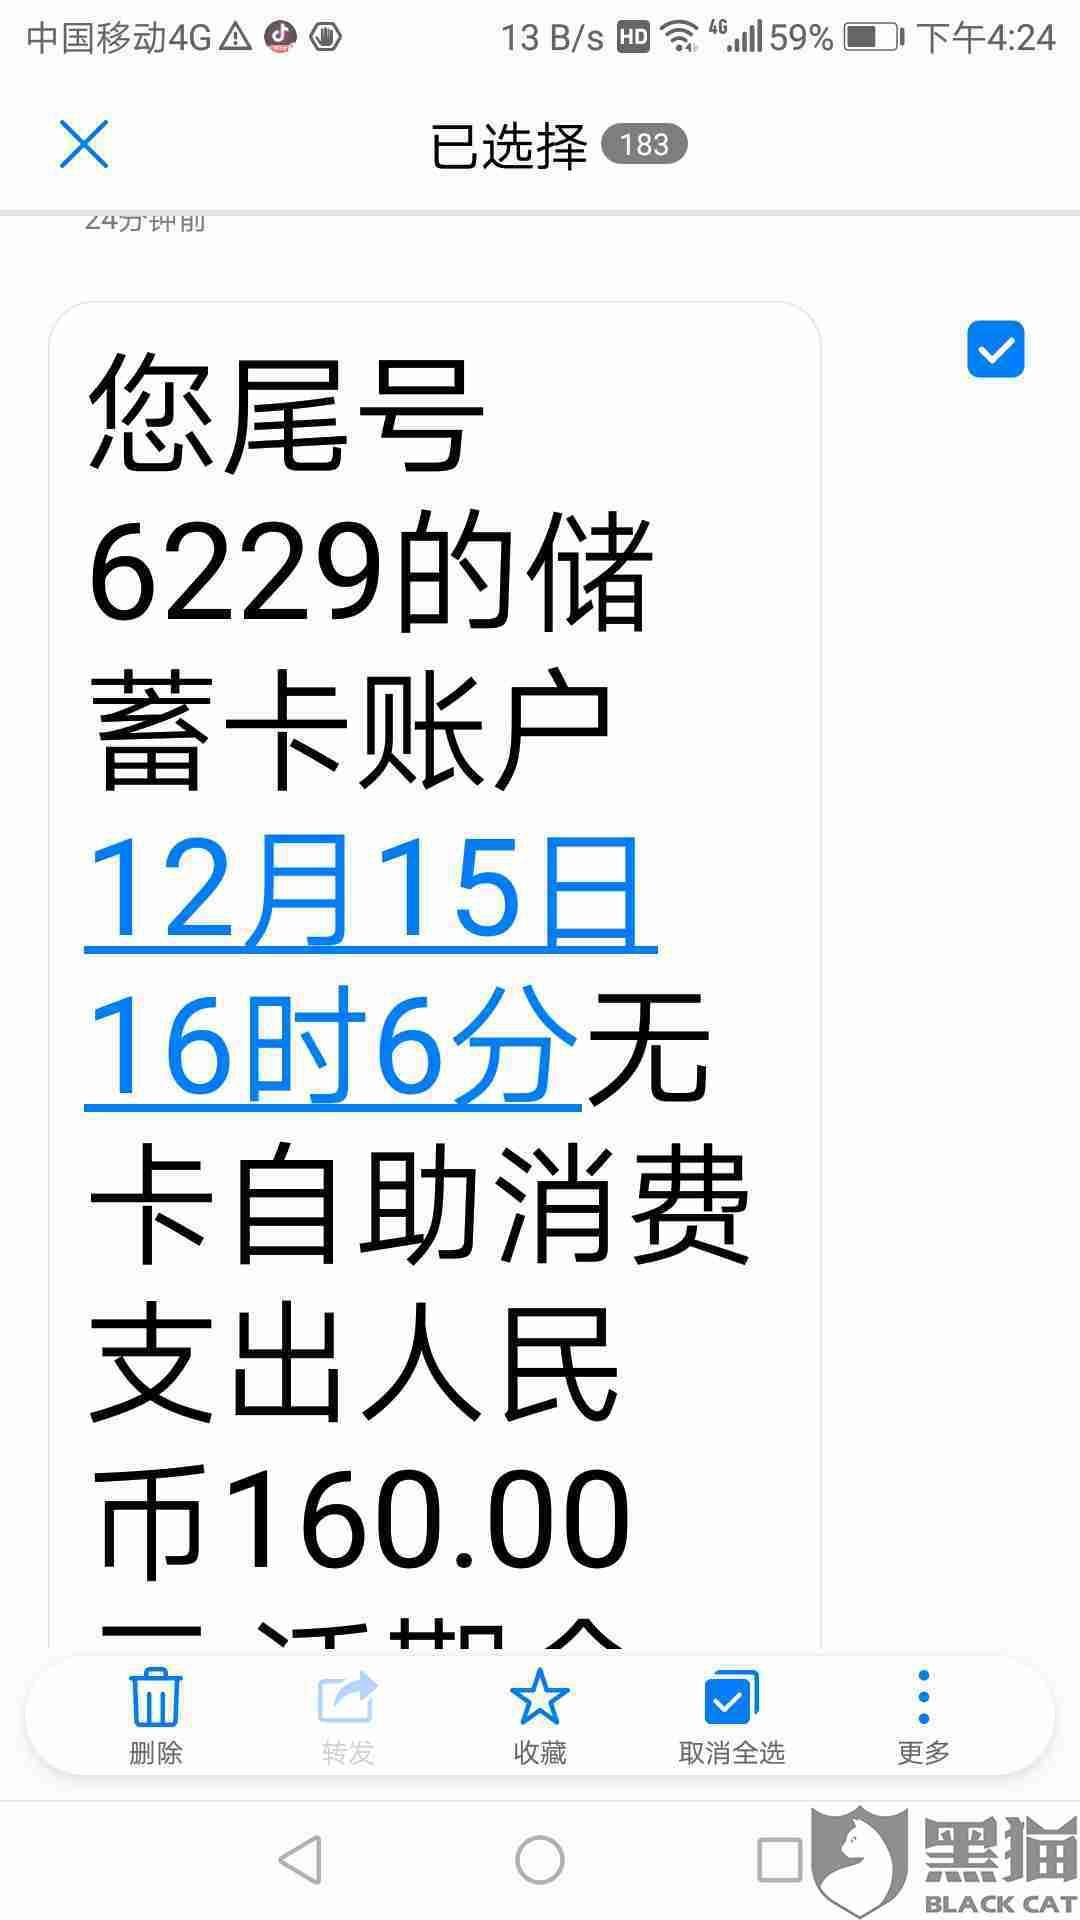 黑猫投诉:上海猎熊无故扣取银行卡款160元, 且没有任何提醒。